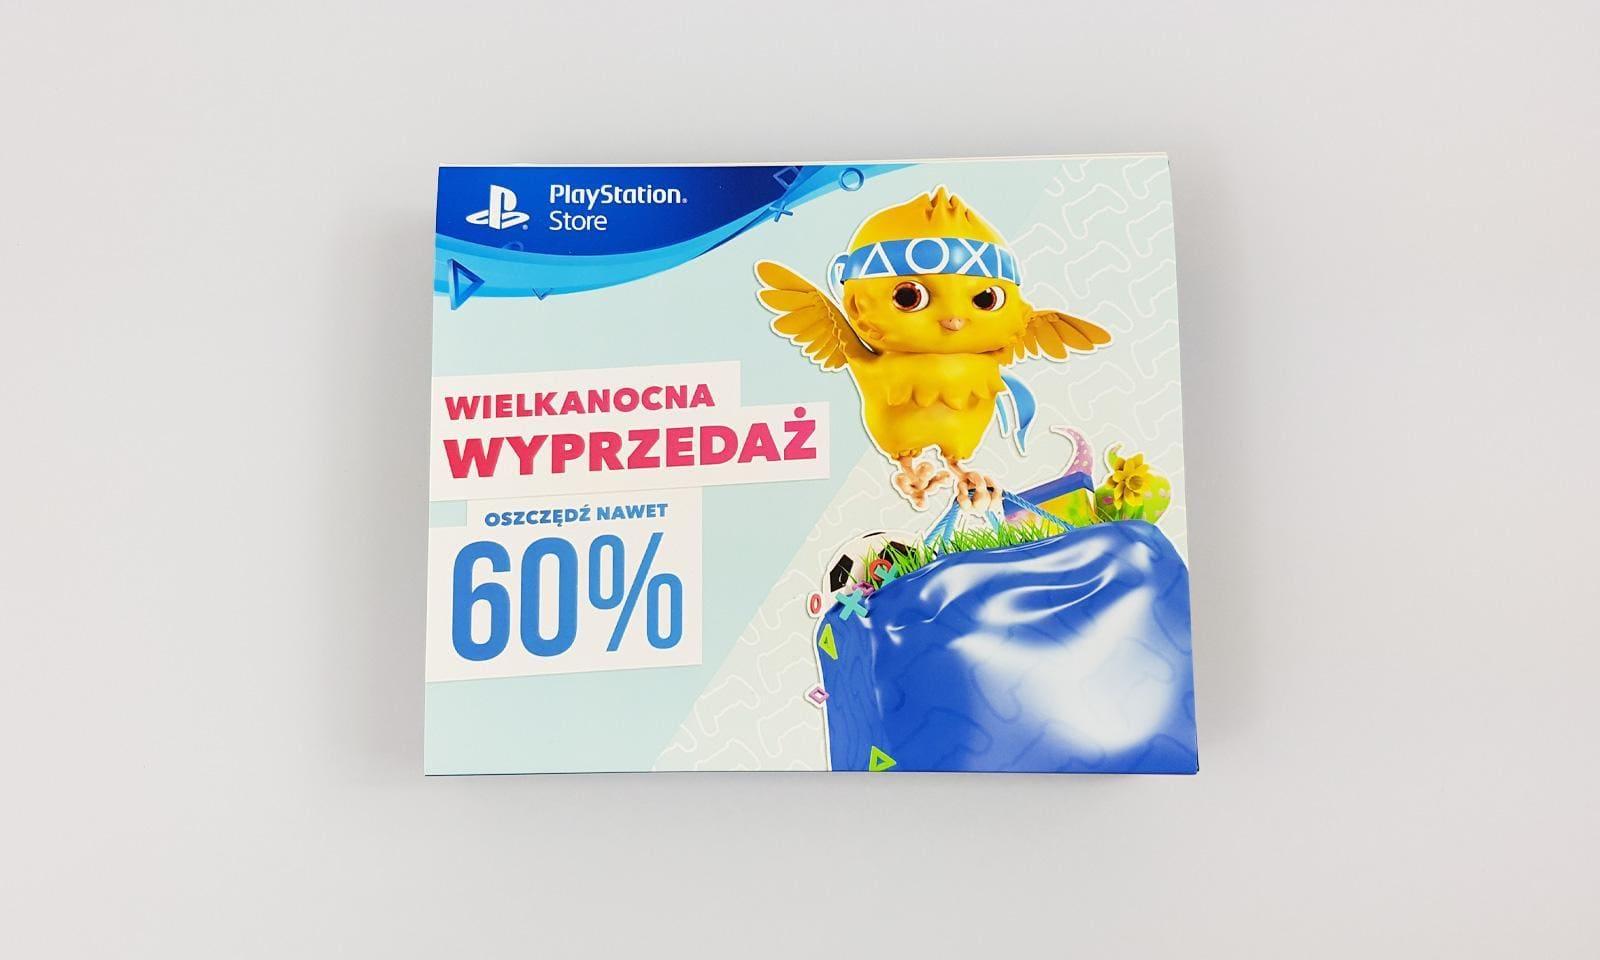 WIELKANOC Z PLAYSTATION